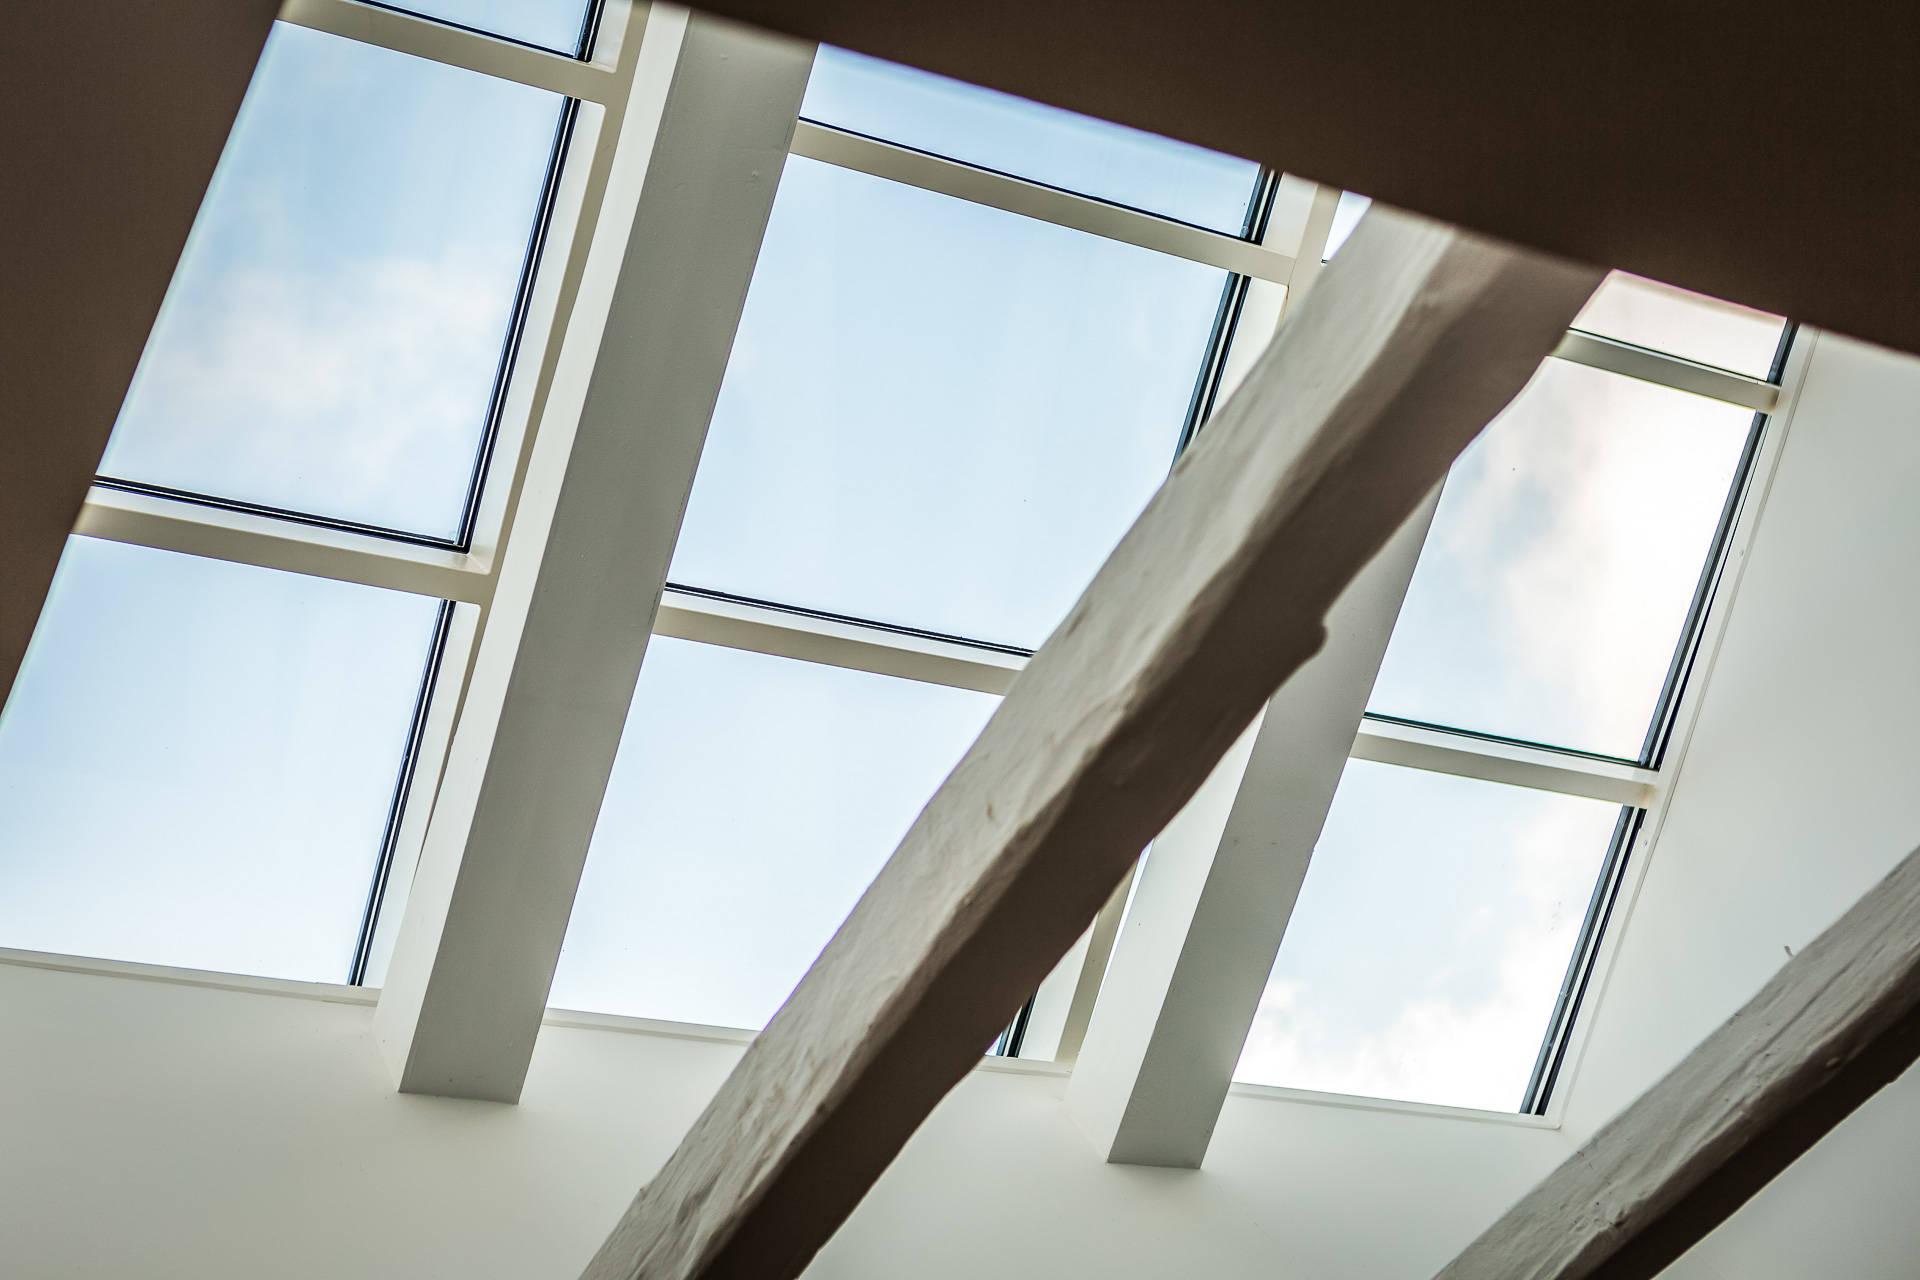 стеклянный потолок крыша балки